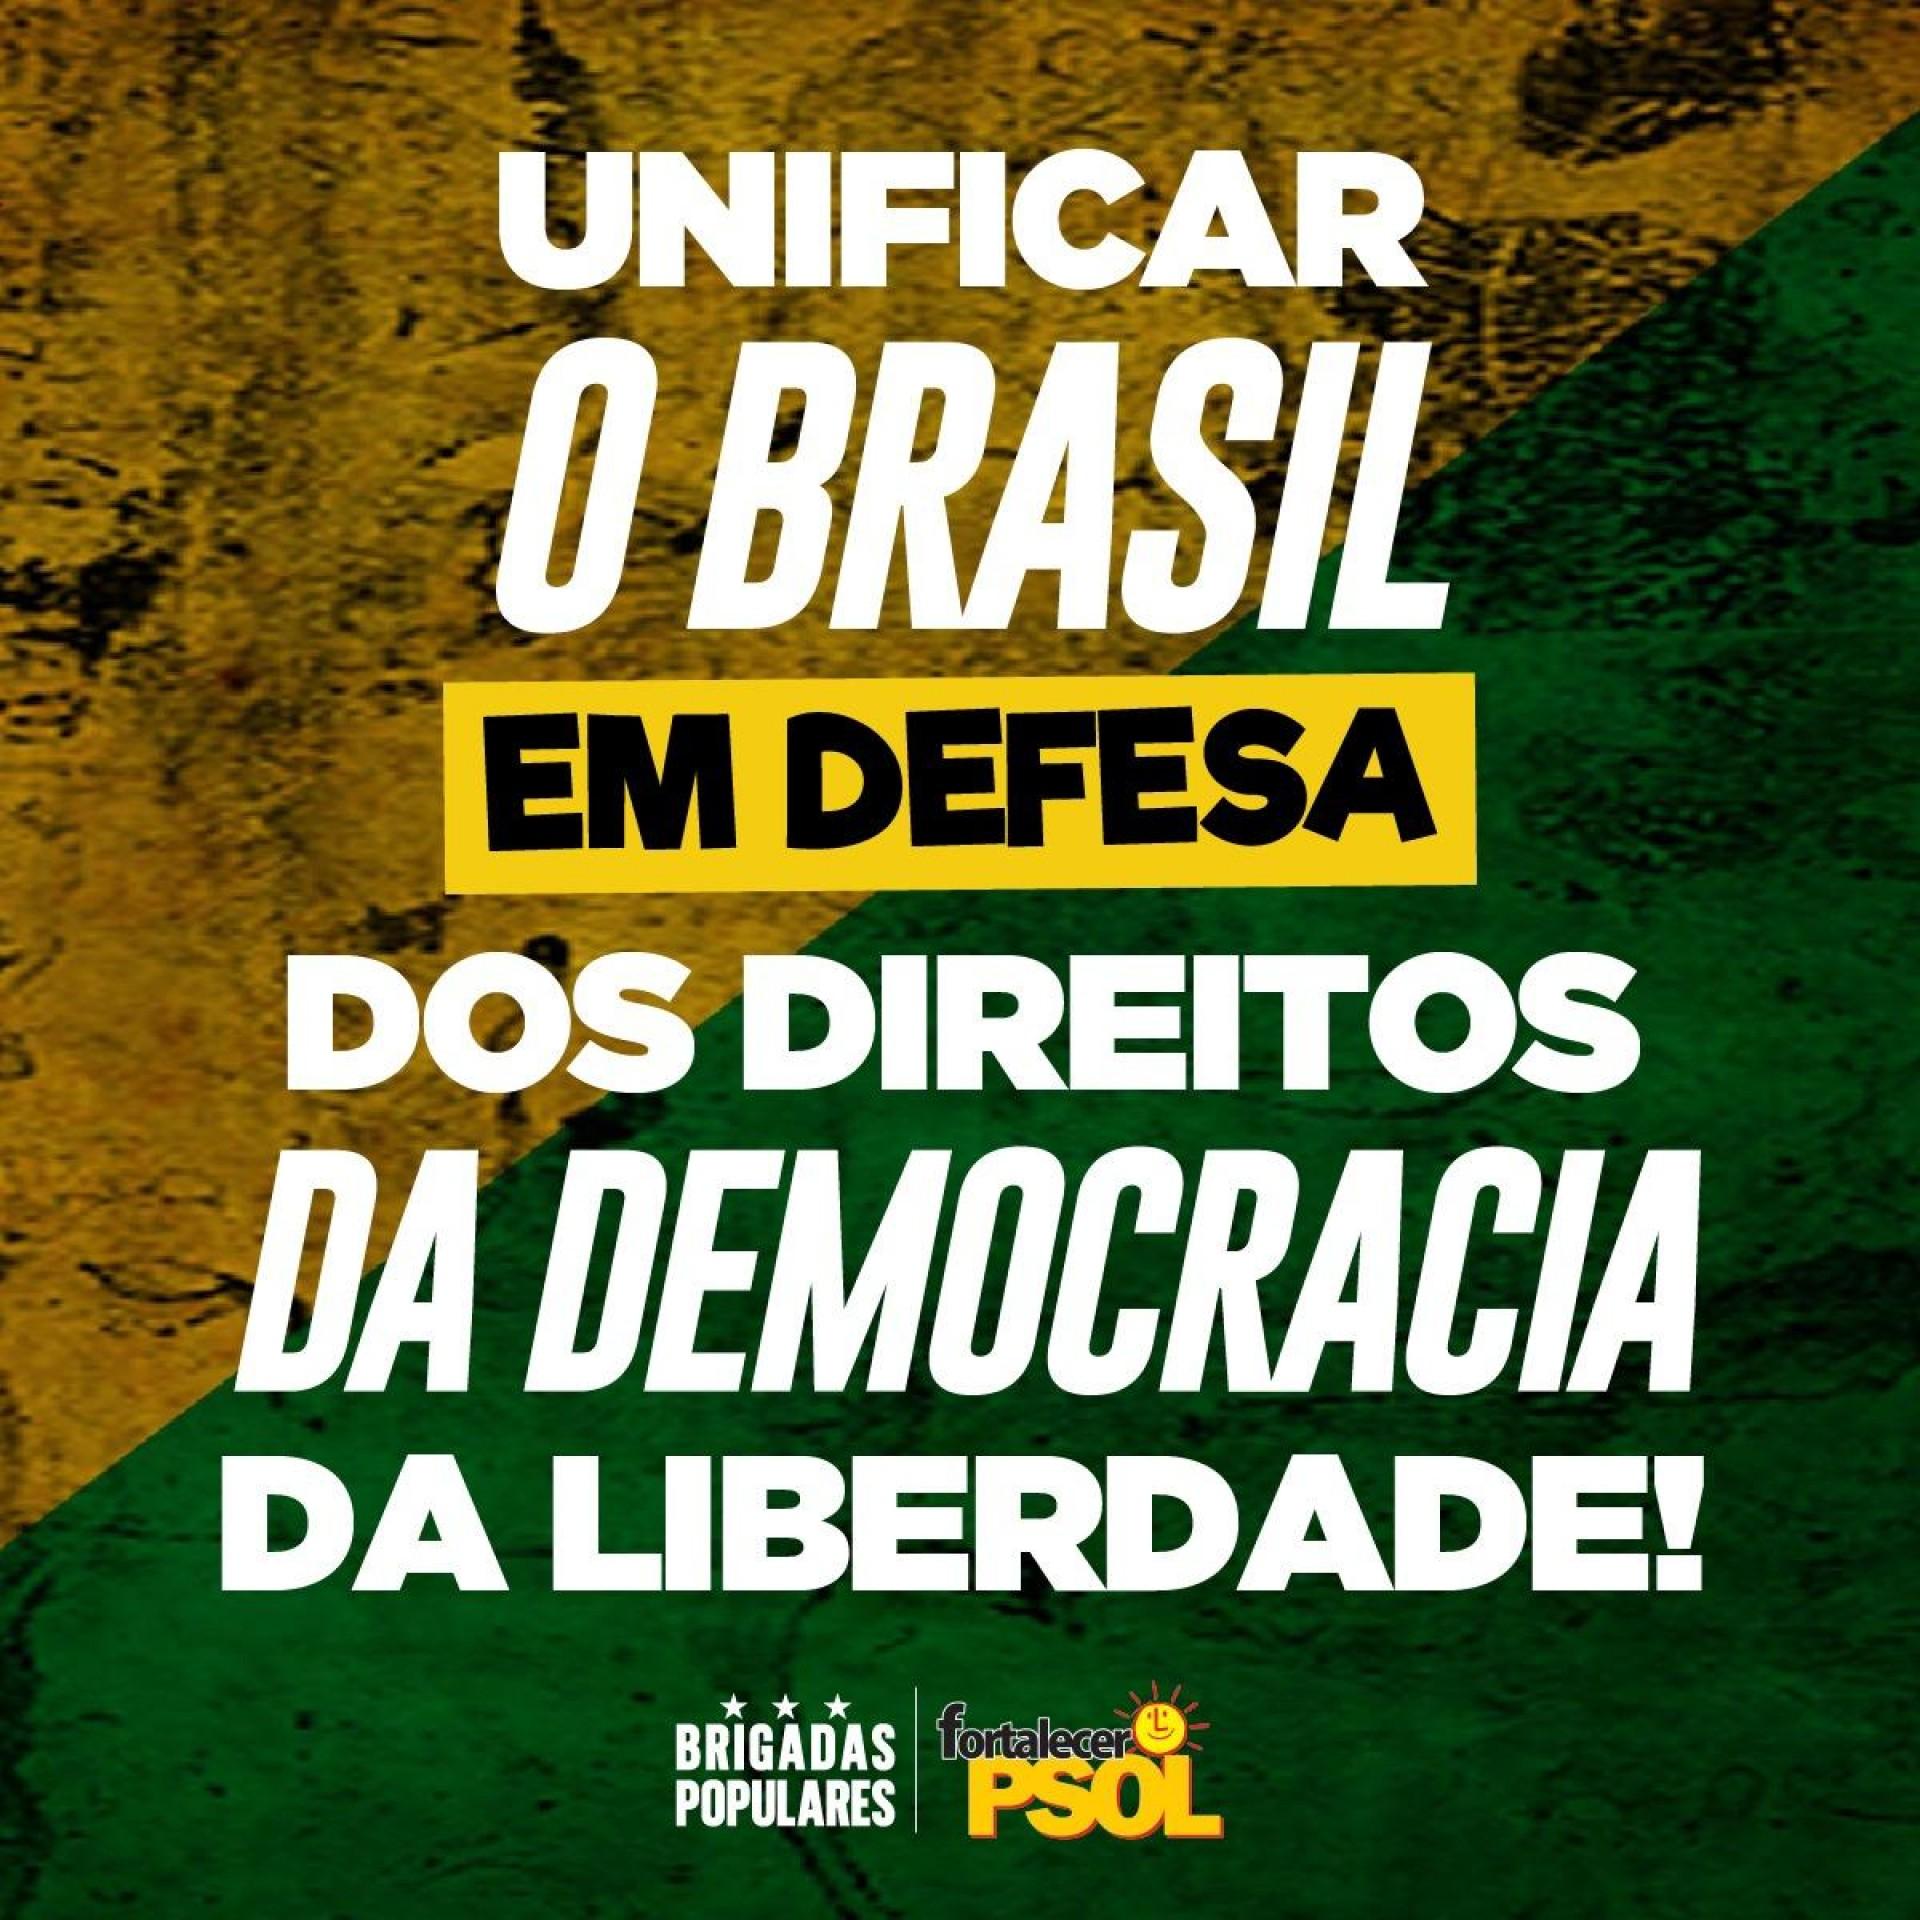 [Unificar o Brasil em defesa dos direitos, da democracia e da liberdade!]